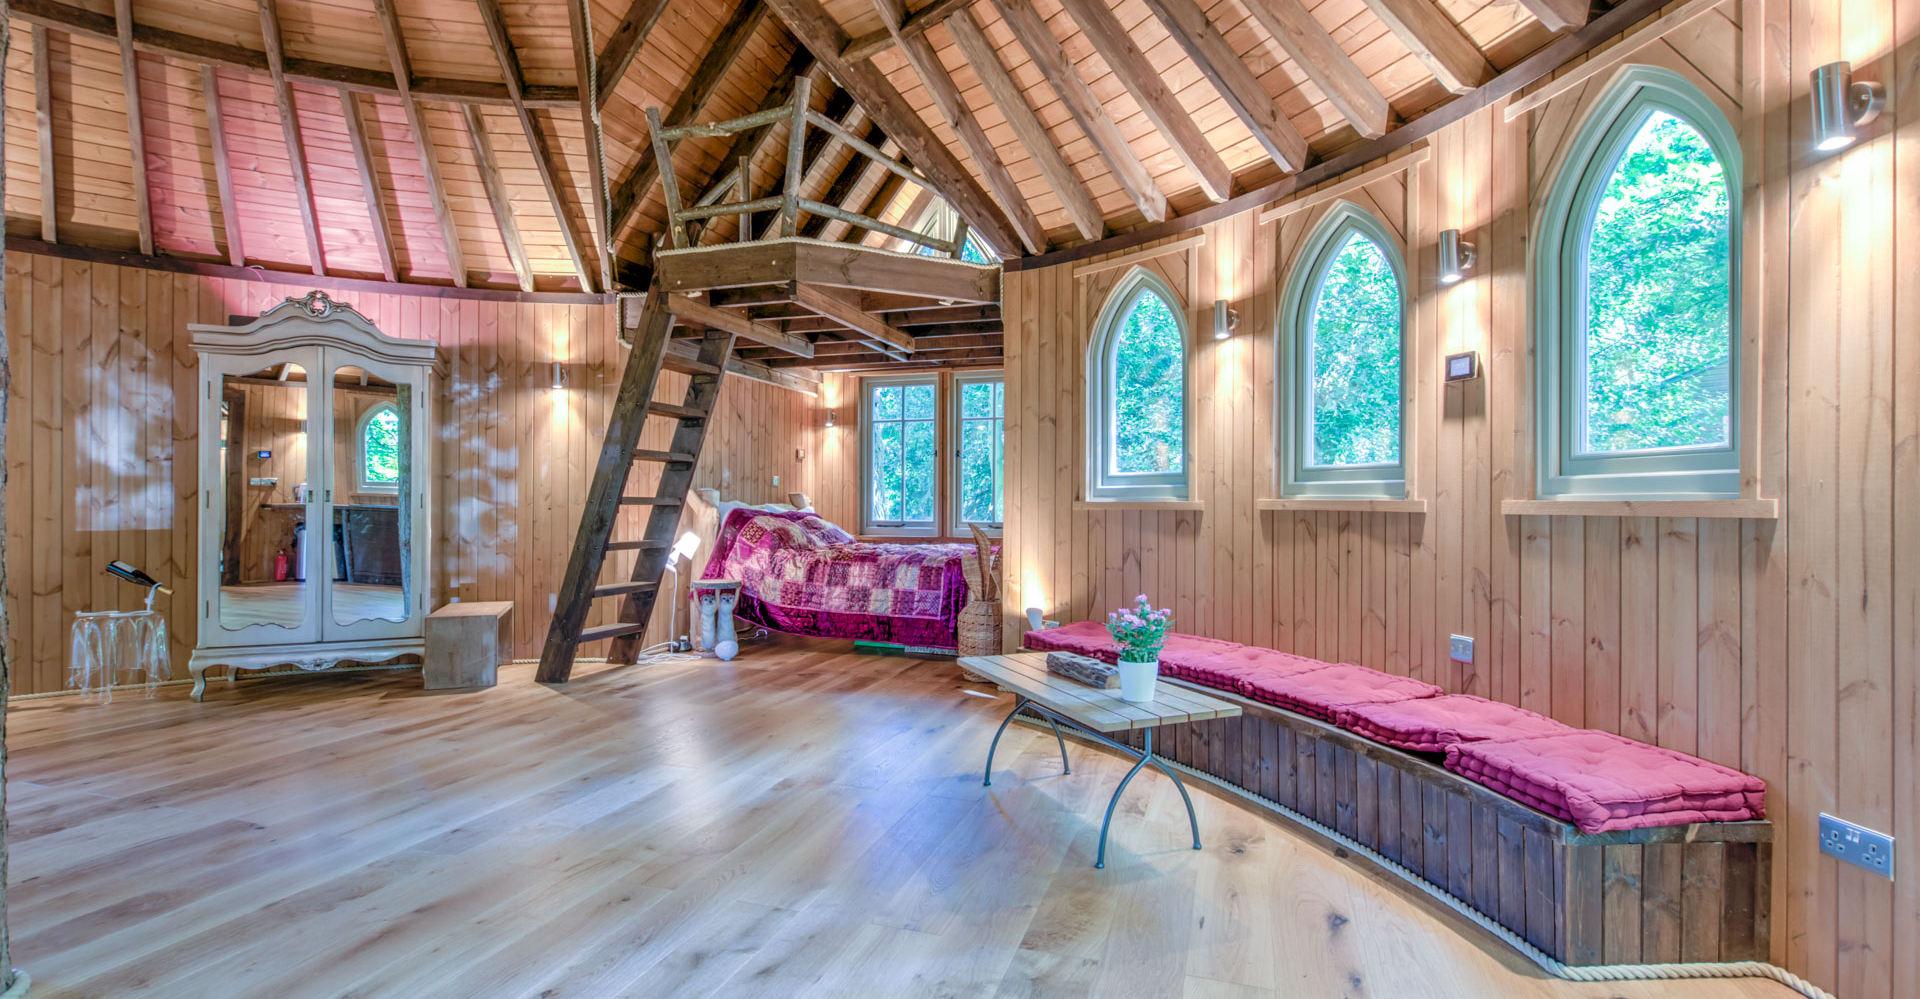 Mezzanine with 2 mattresses above bedroom nook